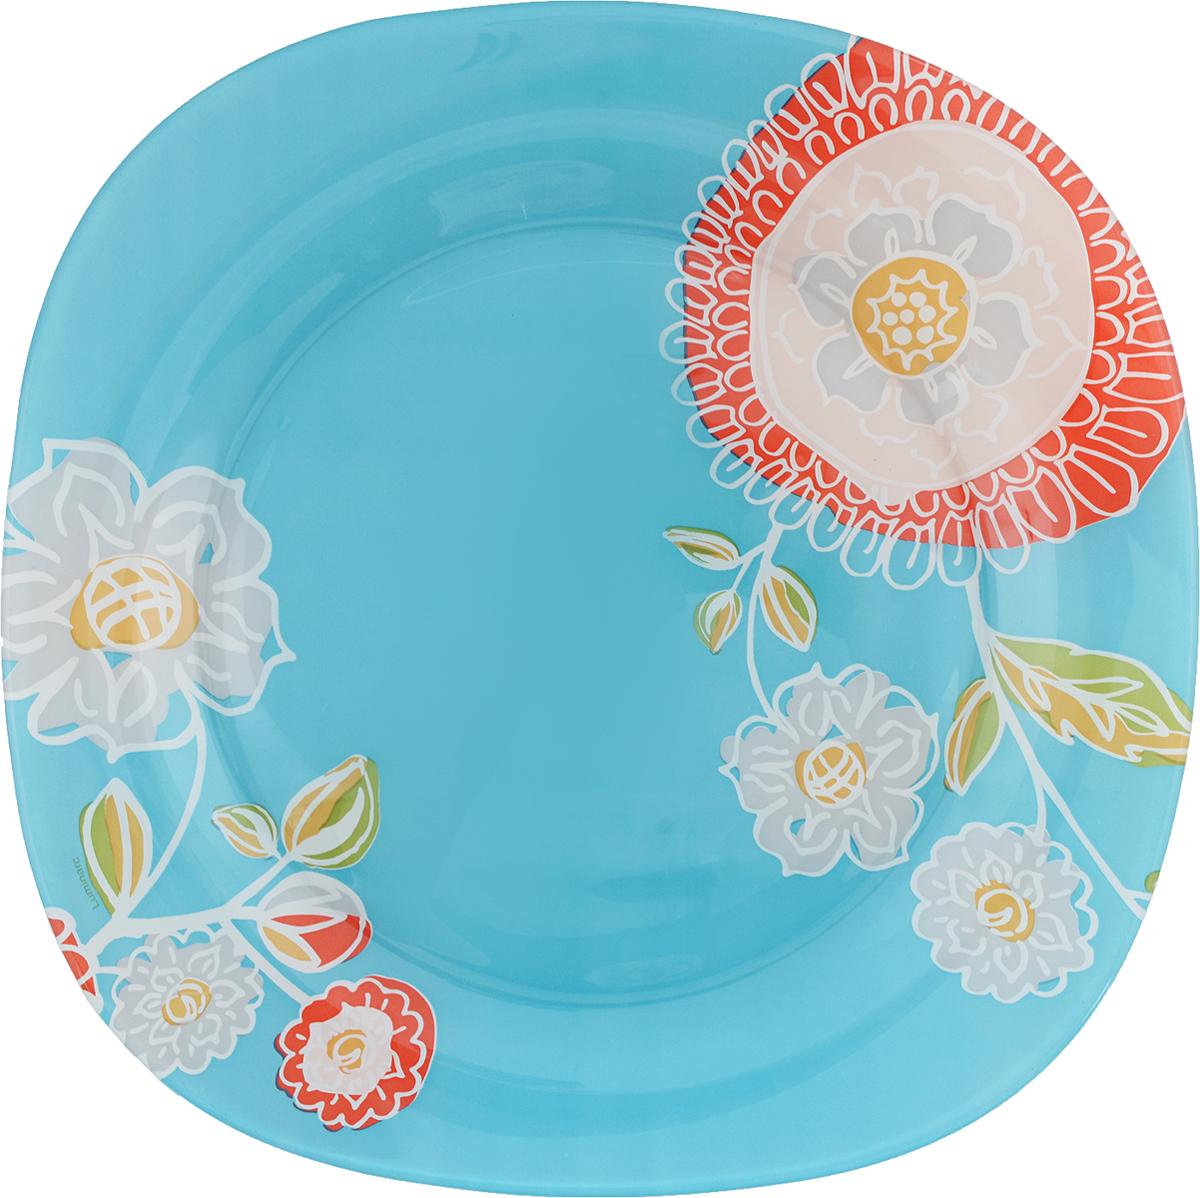 Тарелка обеденная Luminarc Silene Glass, 25 х 25 см115510Обеденная тарелка Luminarc Silene Glass изготовлена из высококачественного стекла. Изделие сочетает в себе изысканный дизайн с максимальной функциональностью. Тарелка прекрасно впишется в интерьер вашей кухни и станет достойным дополнением к кухонному инвентарю. Такое изделие не только украсит ваш кухонный стол и подчеркнет прекрасный вкус хозяйки, но истанет отличным подарком.Размер тарелки: 25 х 25 см.Высота тарелки: 1,5 см.